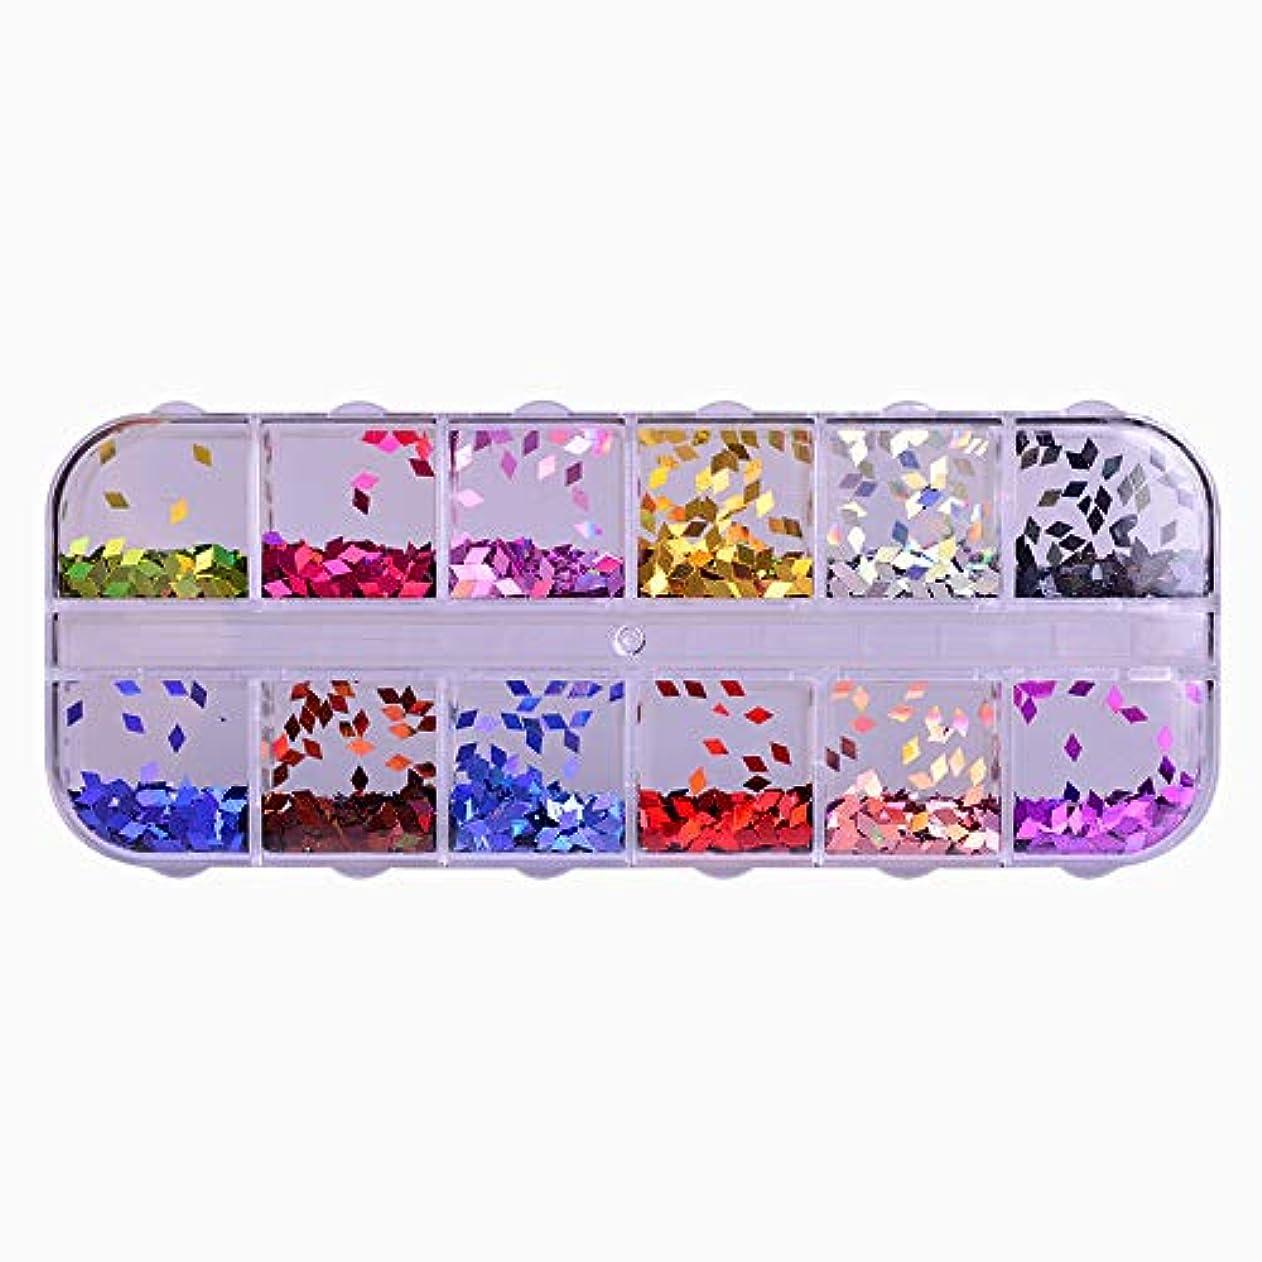 意志貫通する追放12 Color Rhombus Laser Sequin Nail Art Sparkly Slice Paillette 3D Salon Decor Accessory for DIY Glitter Flake...